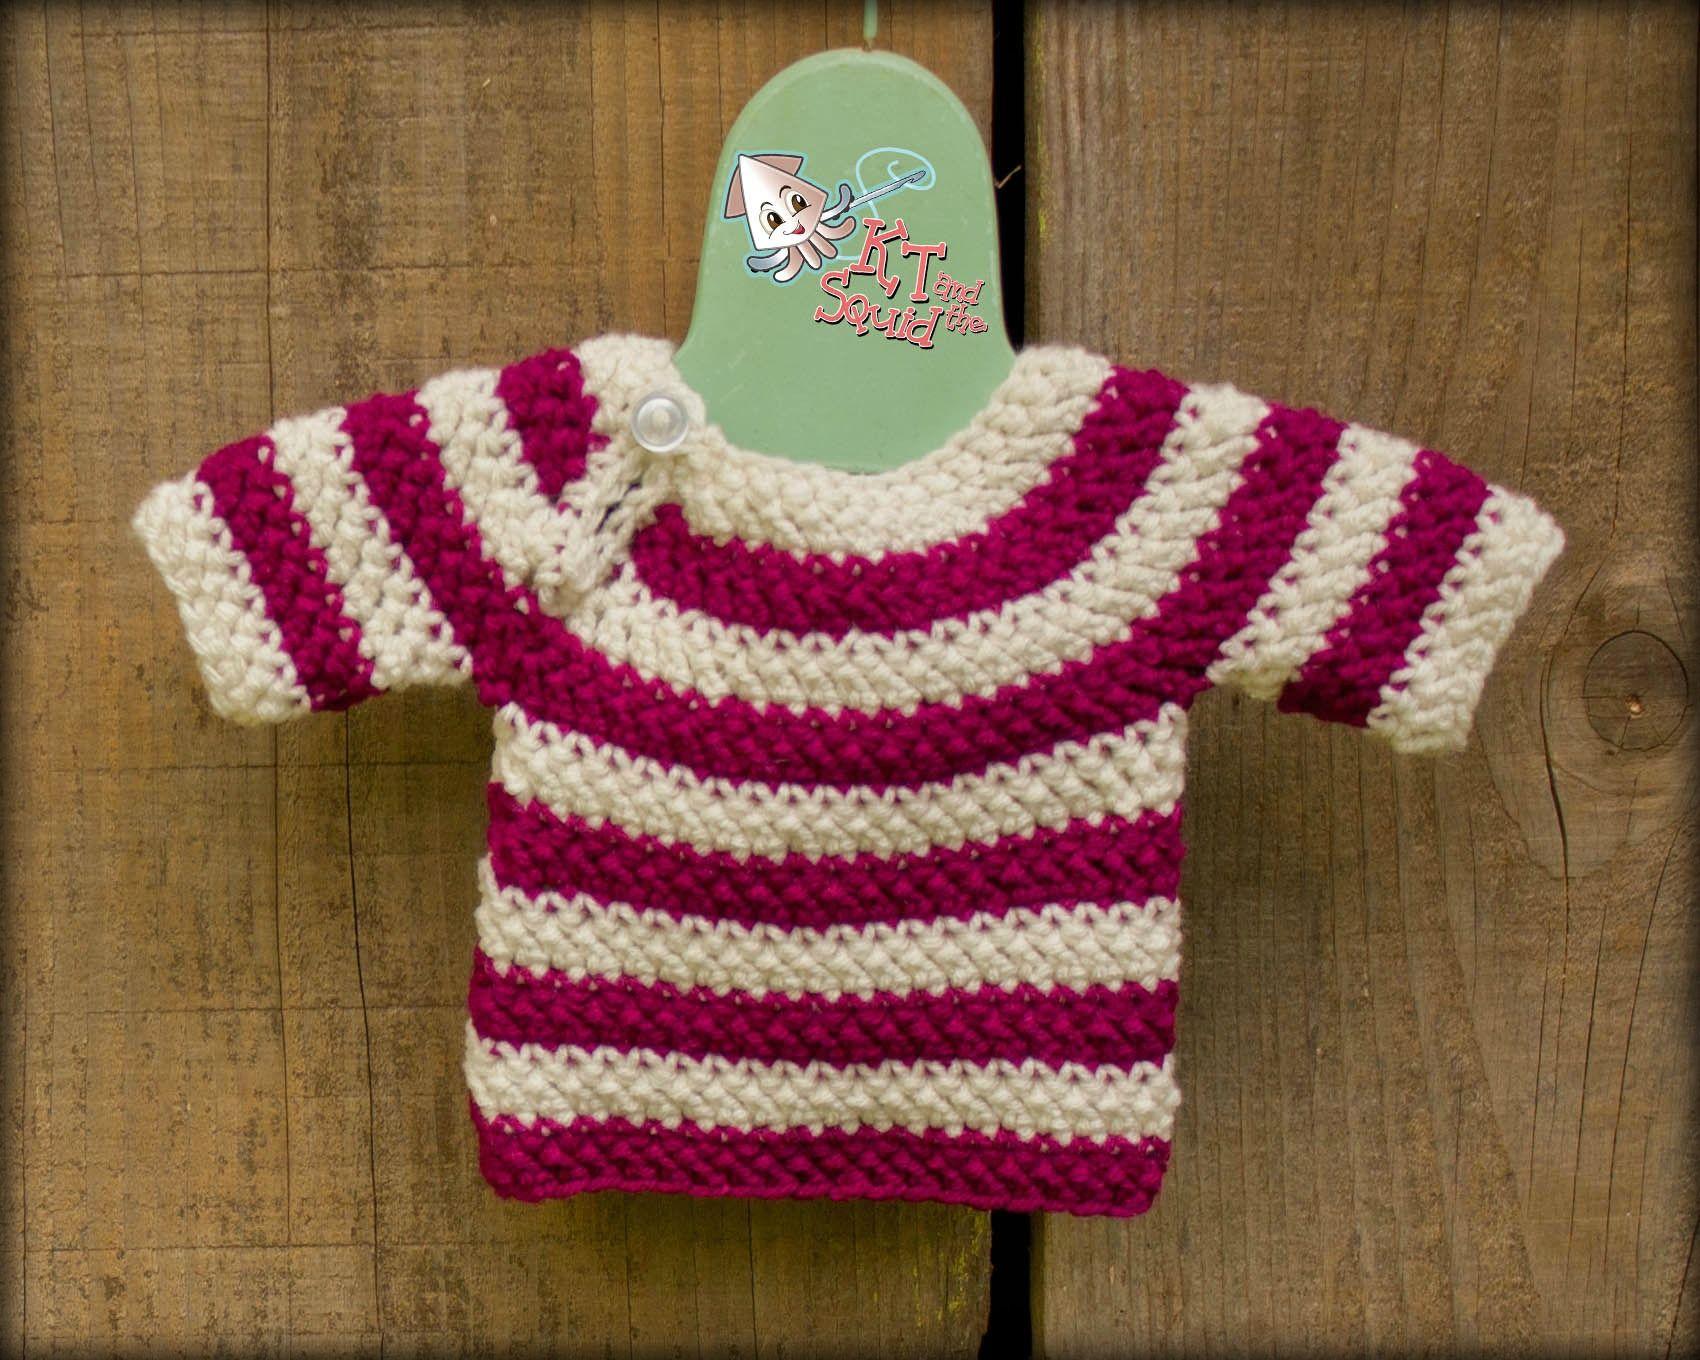 ef48b33a88d7 Easy Top Down Sweater Free crochet pattern